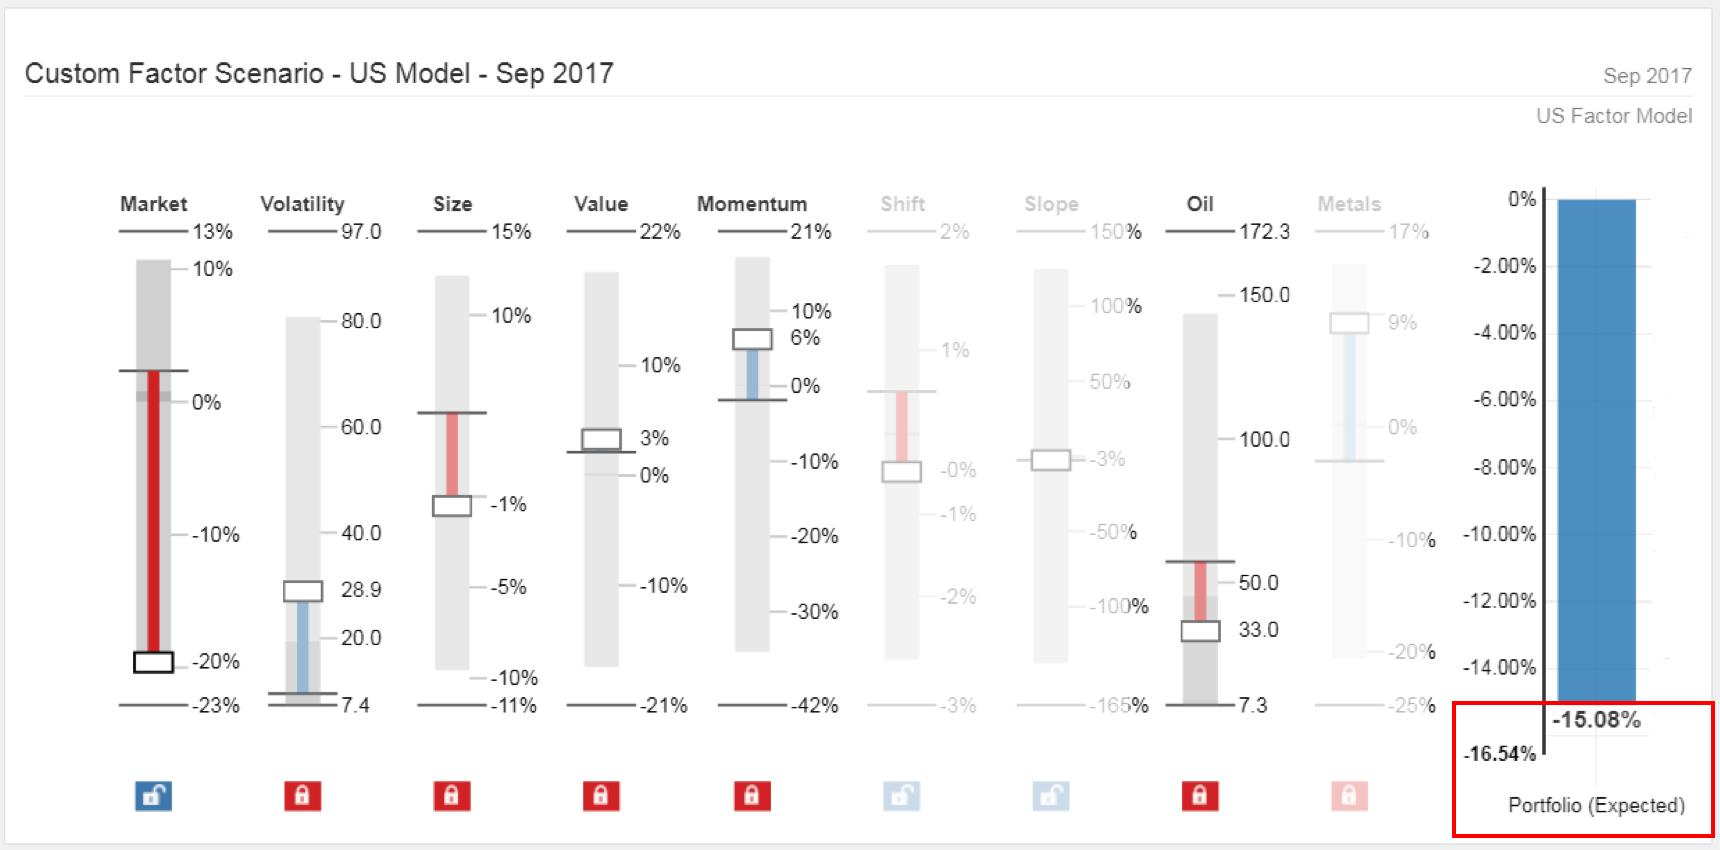 Low Volatility 10